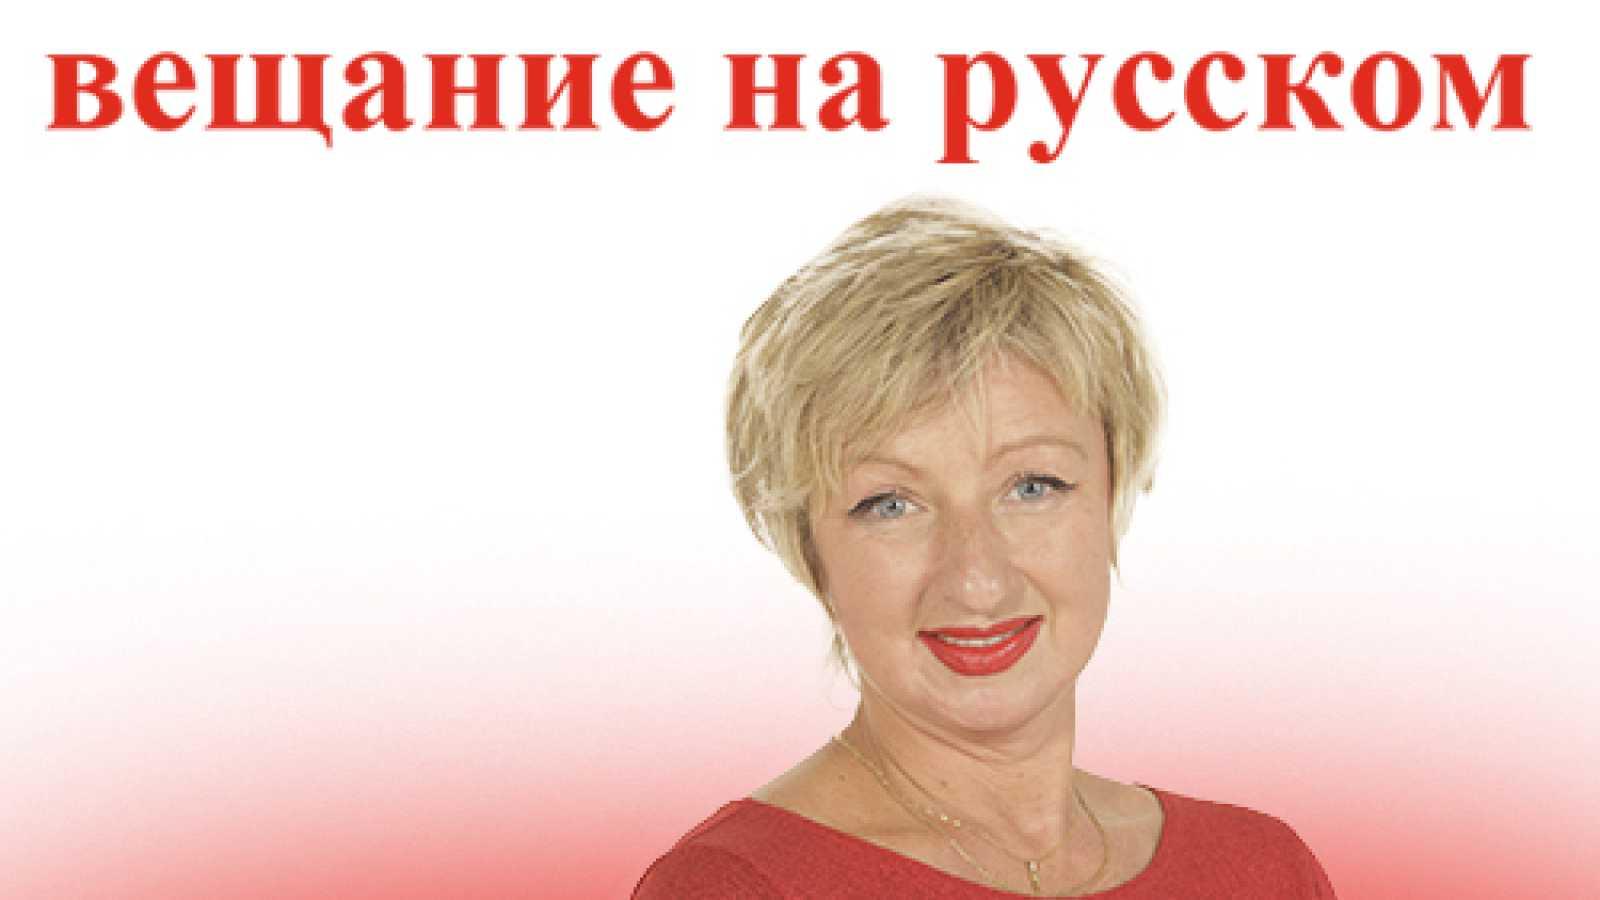 Emisión en ruso - Musikalniye vstrechi: Vselénnaya v zvúkah orgána. Vipusk 5 - 21/12/18 - escuchar hora